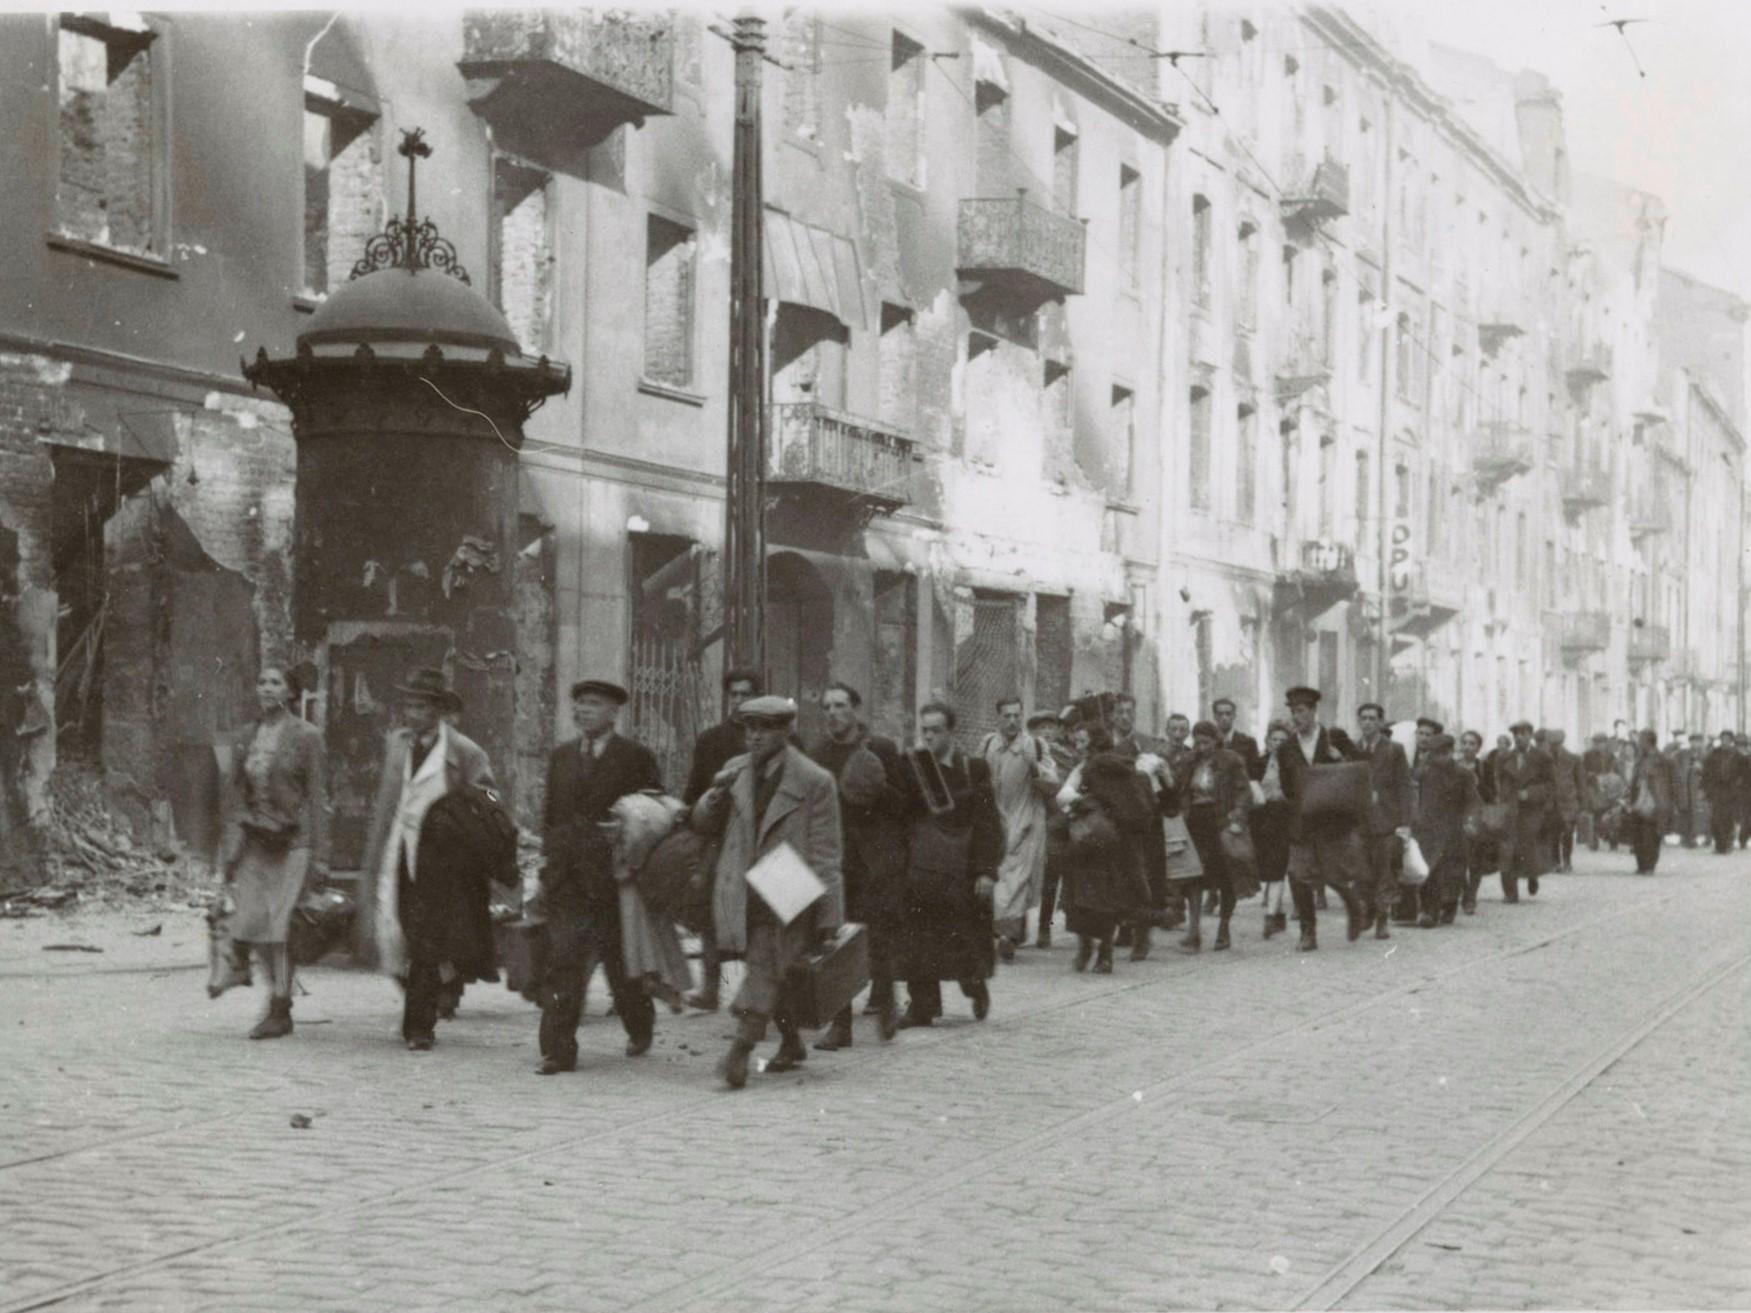 Żydzi na ulicy Zamenhofa w drodze na Umschlagplatz w czasie powstania w getcie warszawskim. Fot. Wikimedia commons